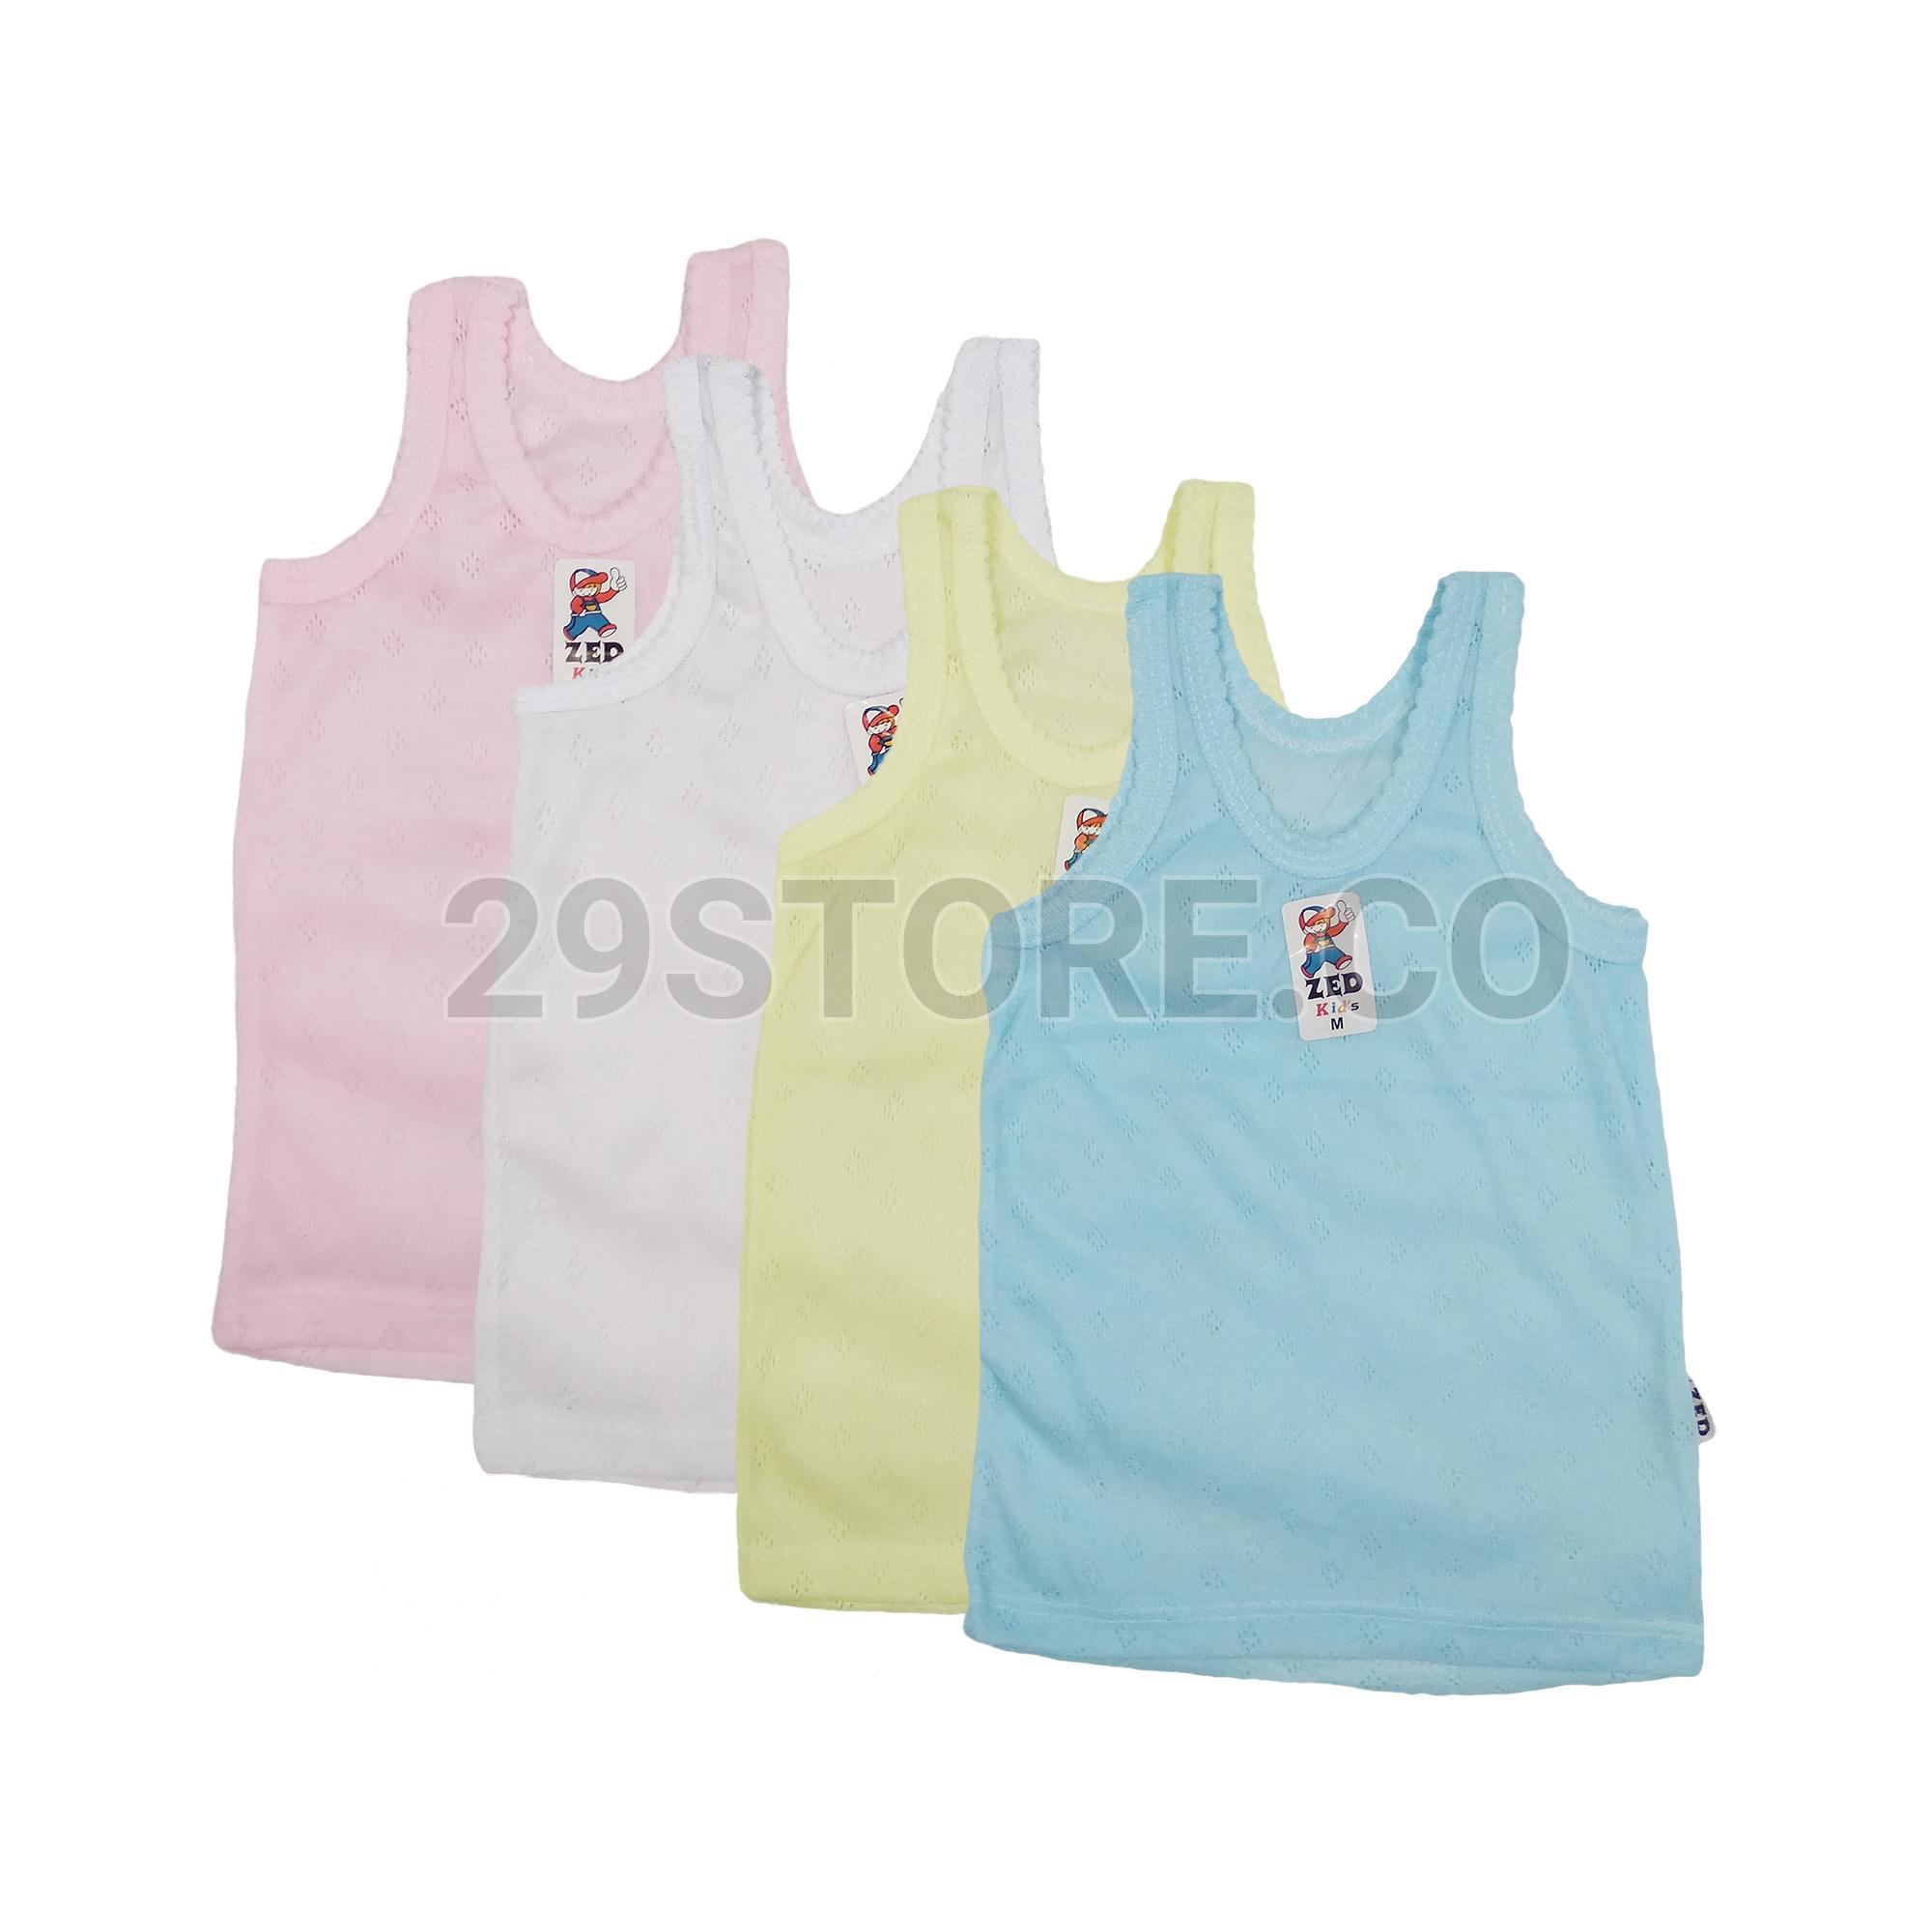 6 Pcs - Kaos Dalam Singlet Undershirts Anak Laki-Laki Cowok Zed Kids 066e4ac1e9